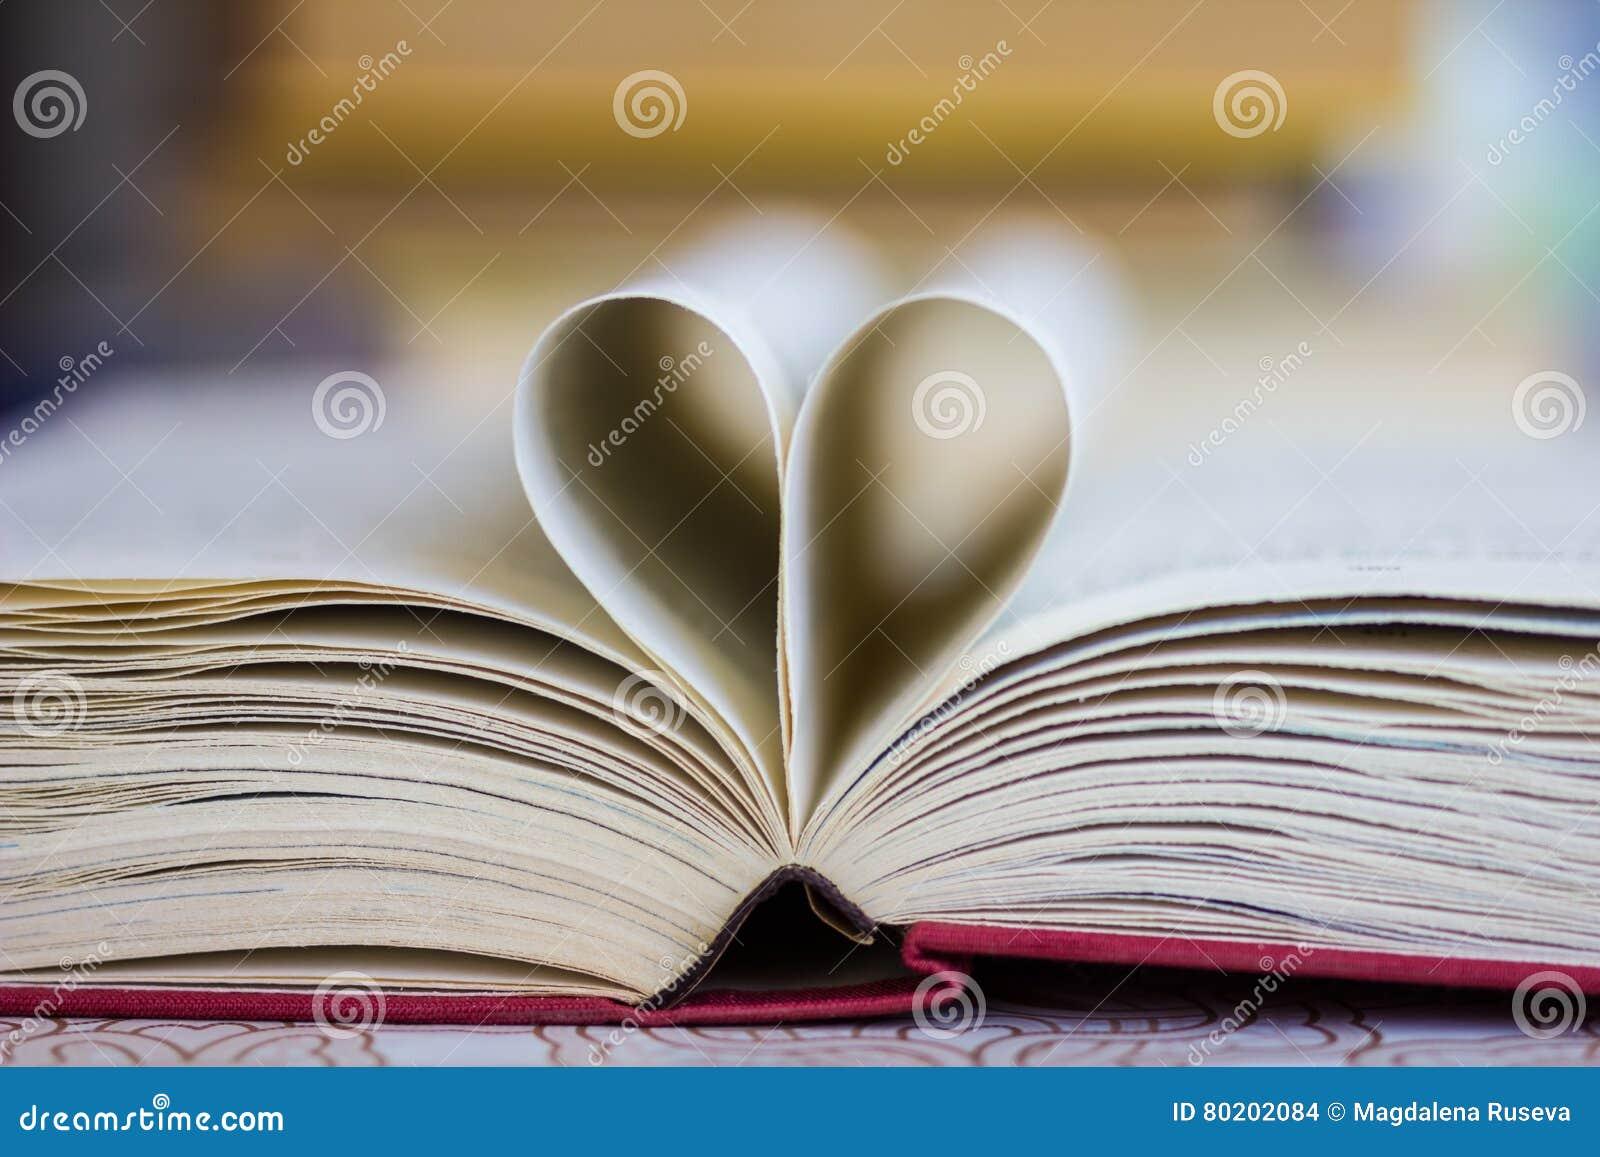 Buch mit geformten Seiten des Herzens